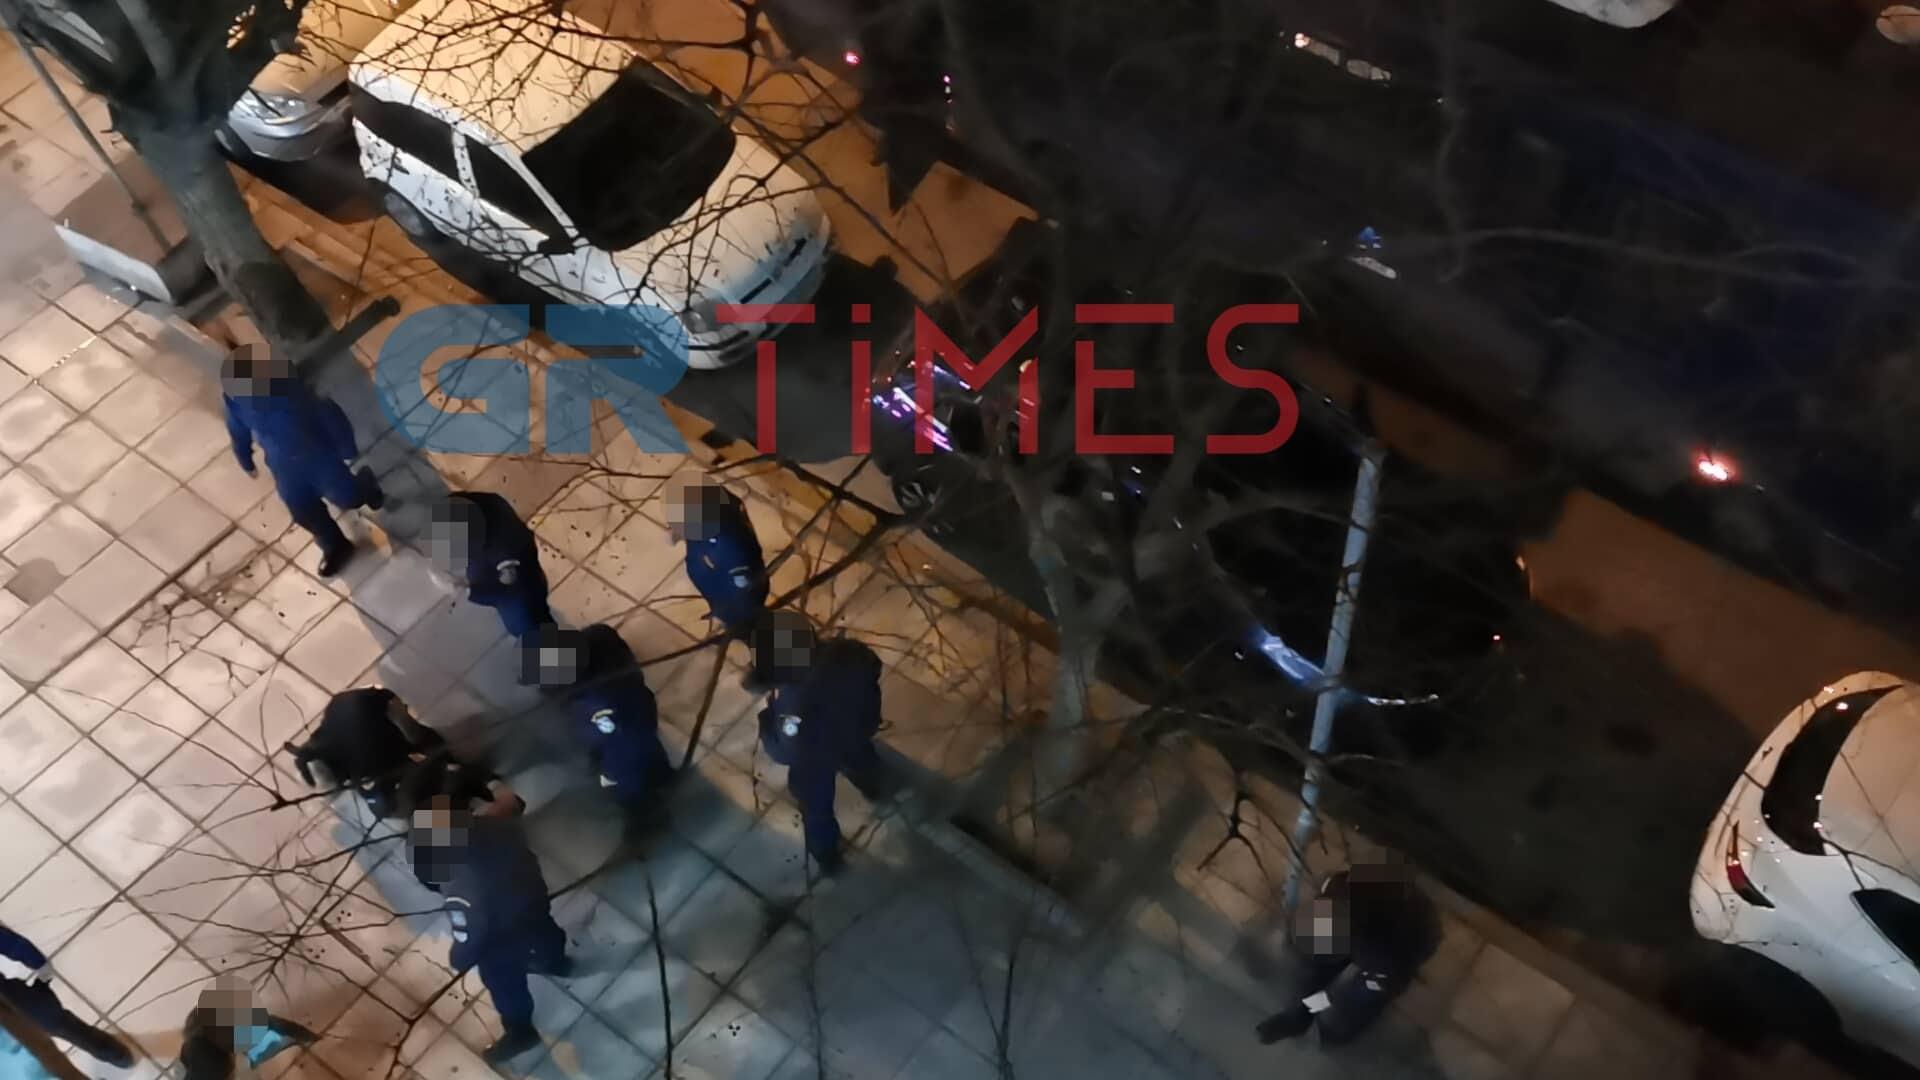 Θεσ/νίκη: Εντοπίστηκαν οι δράστες της αιματηρής ληστείας στη Μοναστηρίου